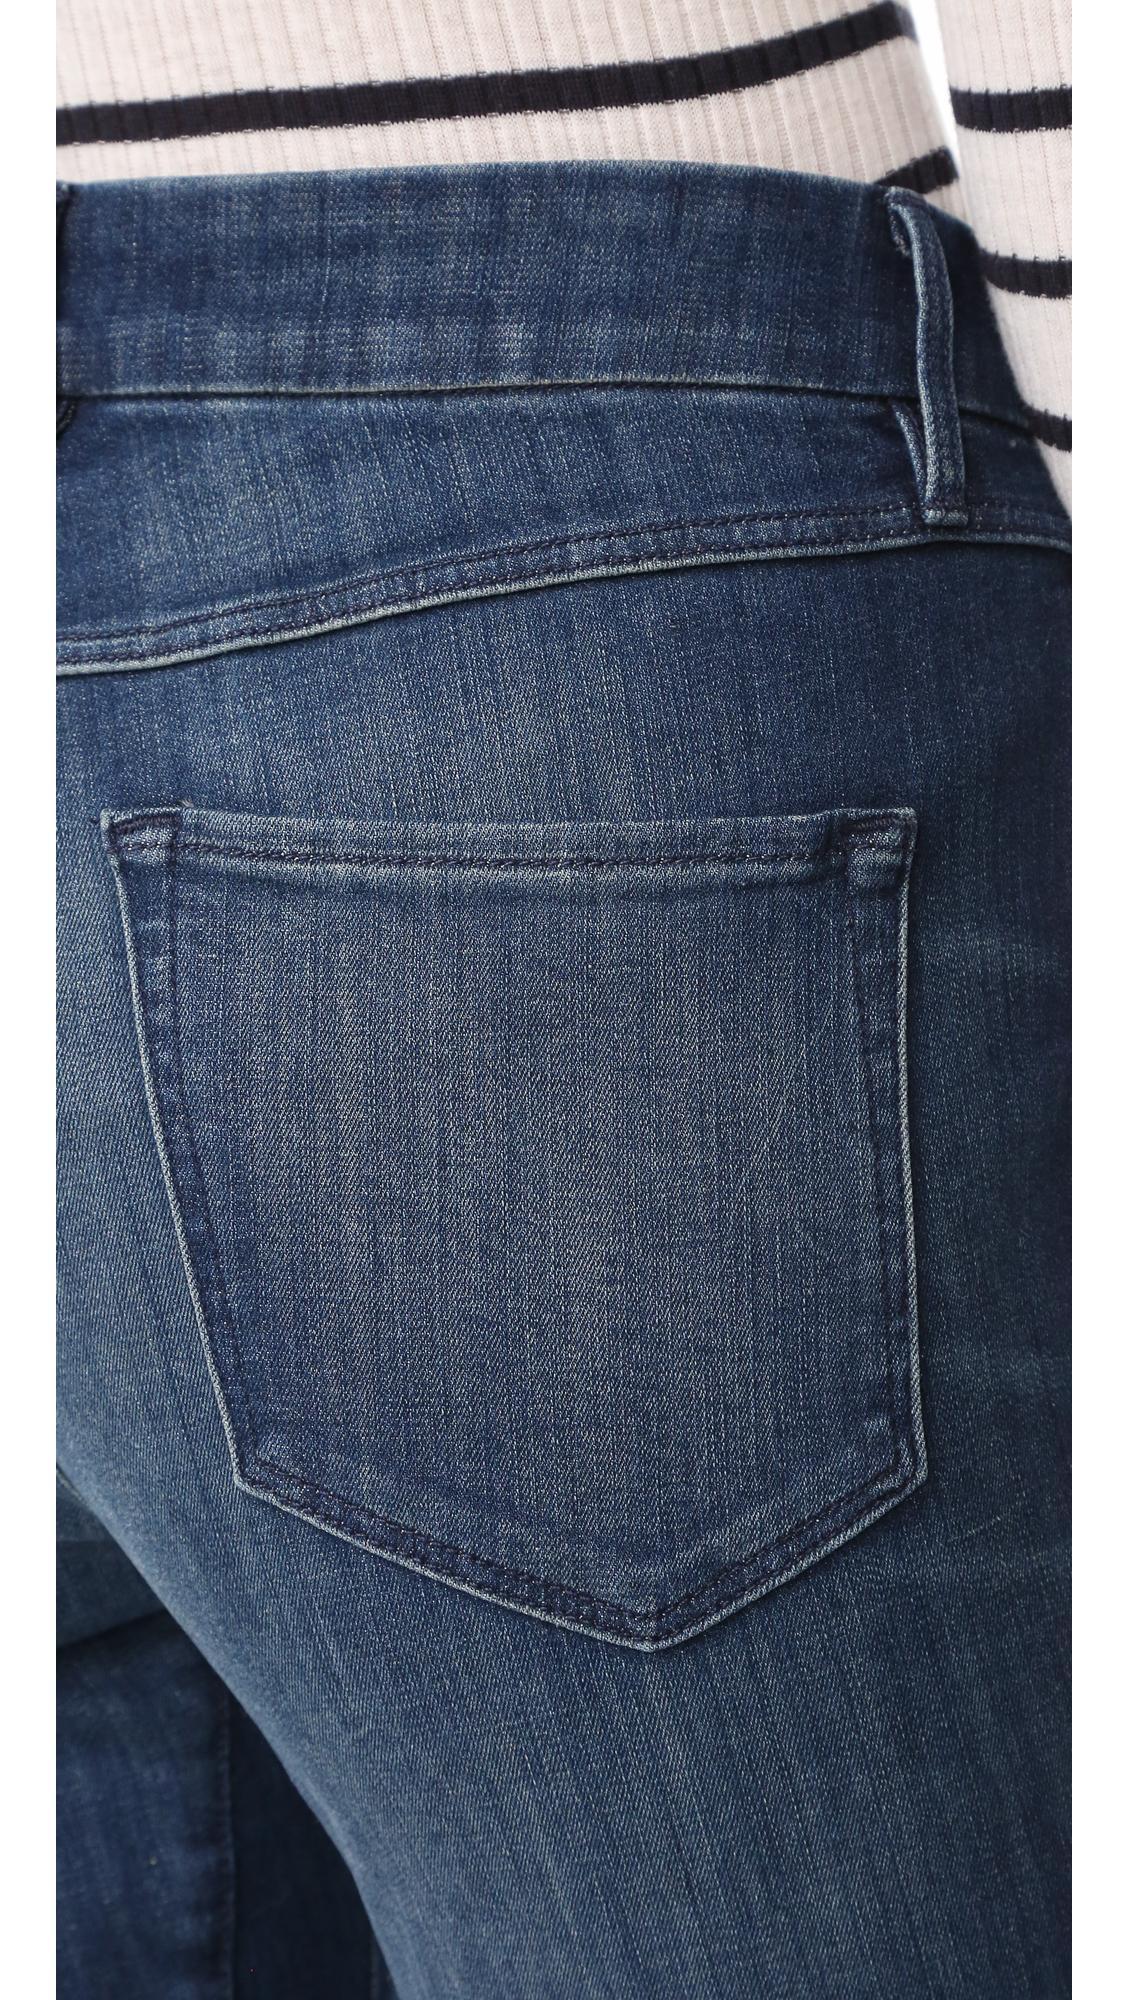 3x1 Denim W3 Channel Seam Crop Jeans